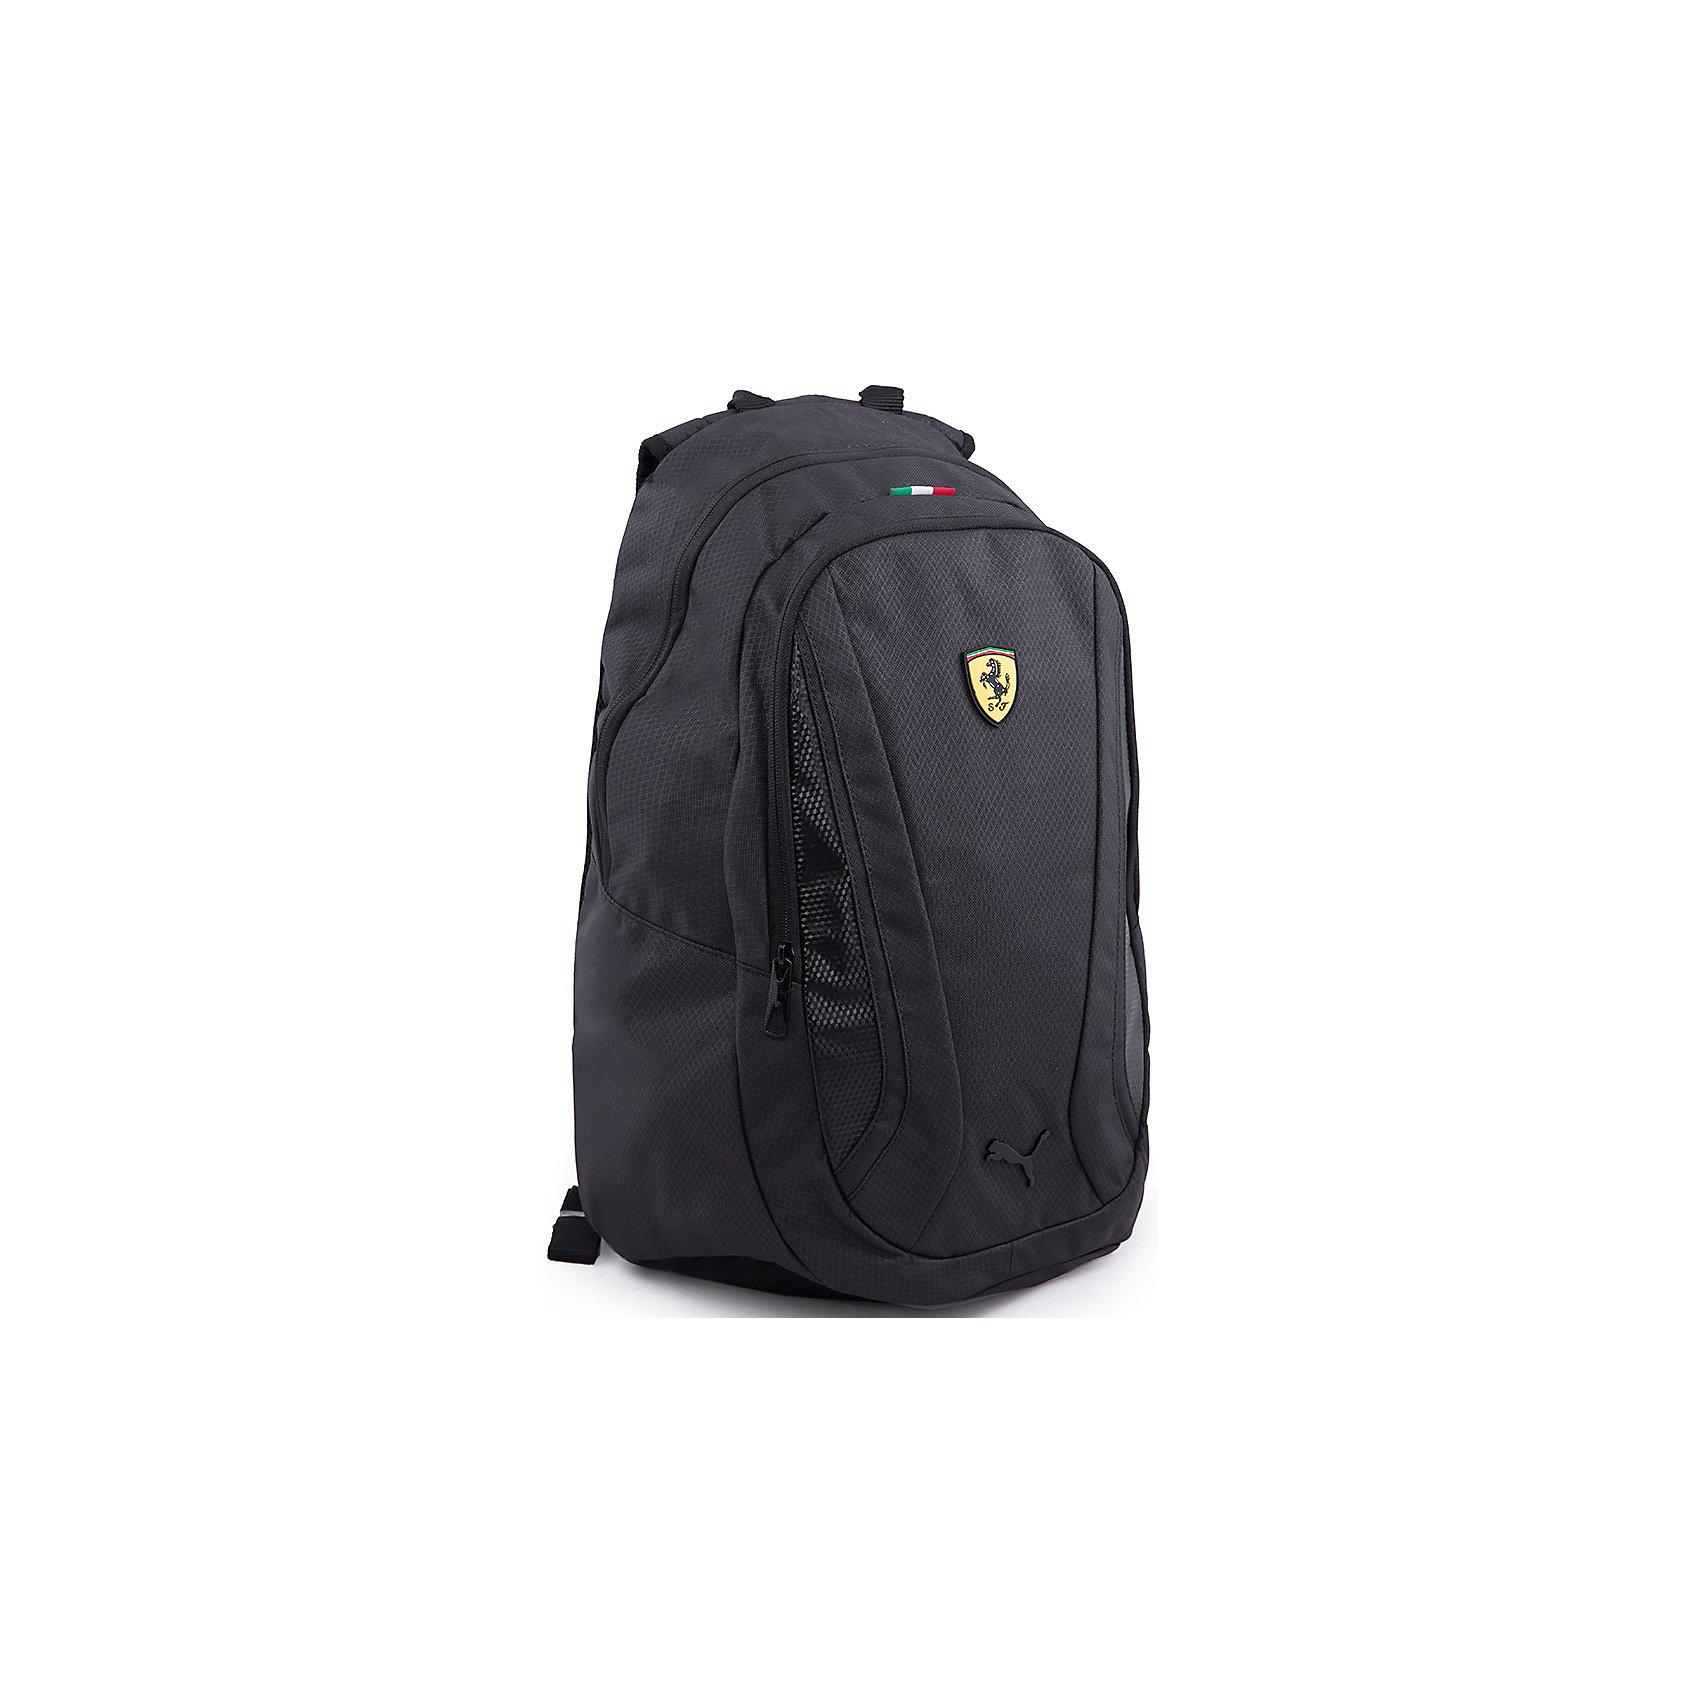 Рюкзак Ferrari Replica Backpack PUMAРюкзак PUMA станет любимым аксессуаром ребенка. Модель имеет одно вместительное отделение на молнии с мягким внутренним карманом для ноутбука и большой внешний карман. Лямки с мягкими накладками регулируются по длине, спинка с частичным мягким сетчатым покрытием для еще большего комфорта. Рюкзак декорирован эмблемой Ferrari  и фирменным логотипом бренда. Практичный и стильный вариант для вашего ребенка! <br><br>Дополнительная информация:<br><br>- Цвет: черный.<br>- Мягкая спинка.<br>- Регулируемые лямки с мягкими накладками.<br>- Спинка с мягкими накладками.<br>- Количество отделений: 1.<br>- Количество карманов:1.<br>- Тип застежки: молния.<br>- Декоративные элементы: логотип бренда, эмблема Ferrari.<br>- Параметры:<br>- Высота: 48 см.<br>- Ширина 28 см.<br>- Ширина дна: 18 см.<br>- Длина ручек: 19 см.<br><br>Состав: <br>полиэстер.<br><br>Рюкзак Ferrari Replica Backpack PUMA (Пума) можно купить в нашем магазине.<br><br>Ширина мм: 227<br>Глубина мм: 11<br>Высота мм: 226<br>Вес г: 350<br>Цвет: черный<br>Возраст от месяцев: 84<br>Возраст до месяцев: 192<br>Пол: Унисекс<br>Возраст: Детский<br>Размер: one size<br>SKU: 4223155